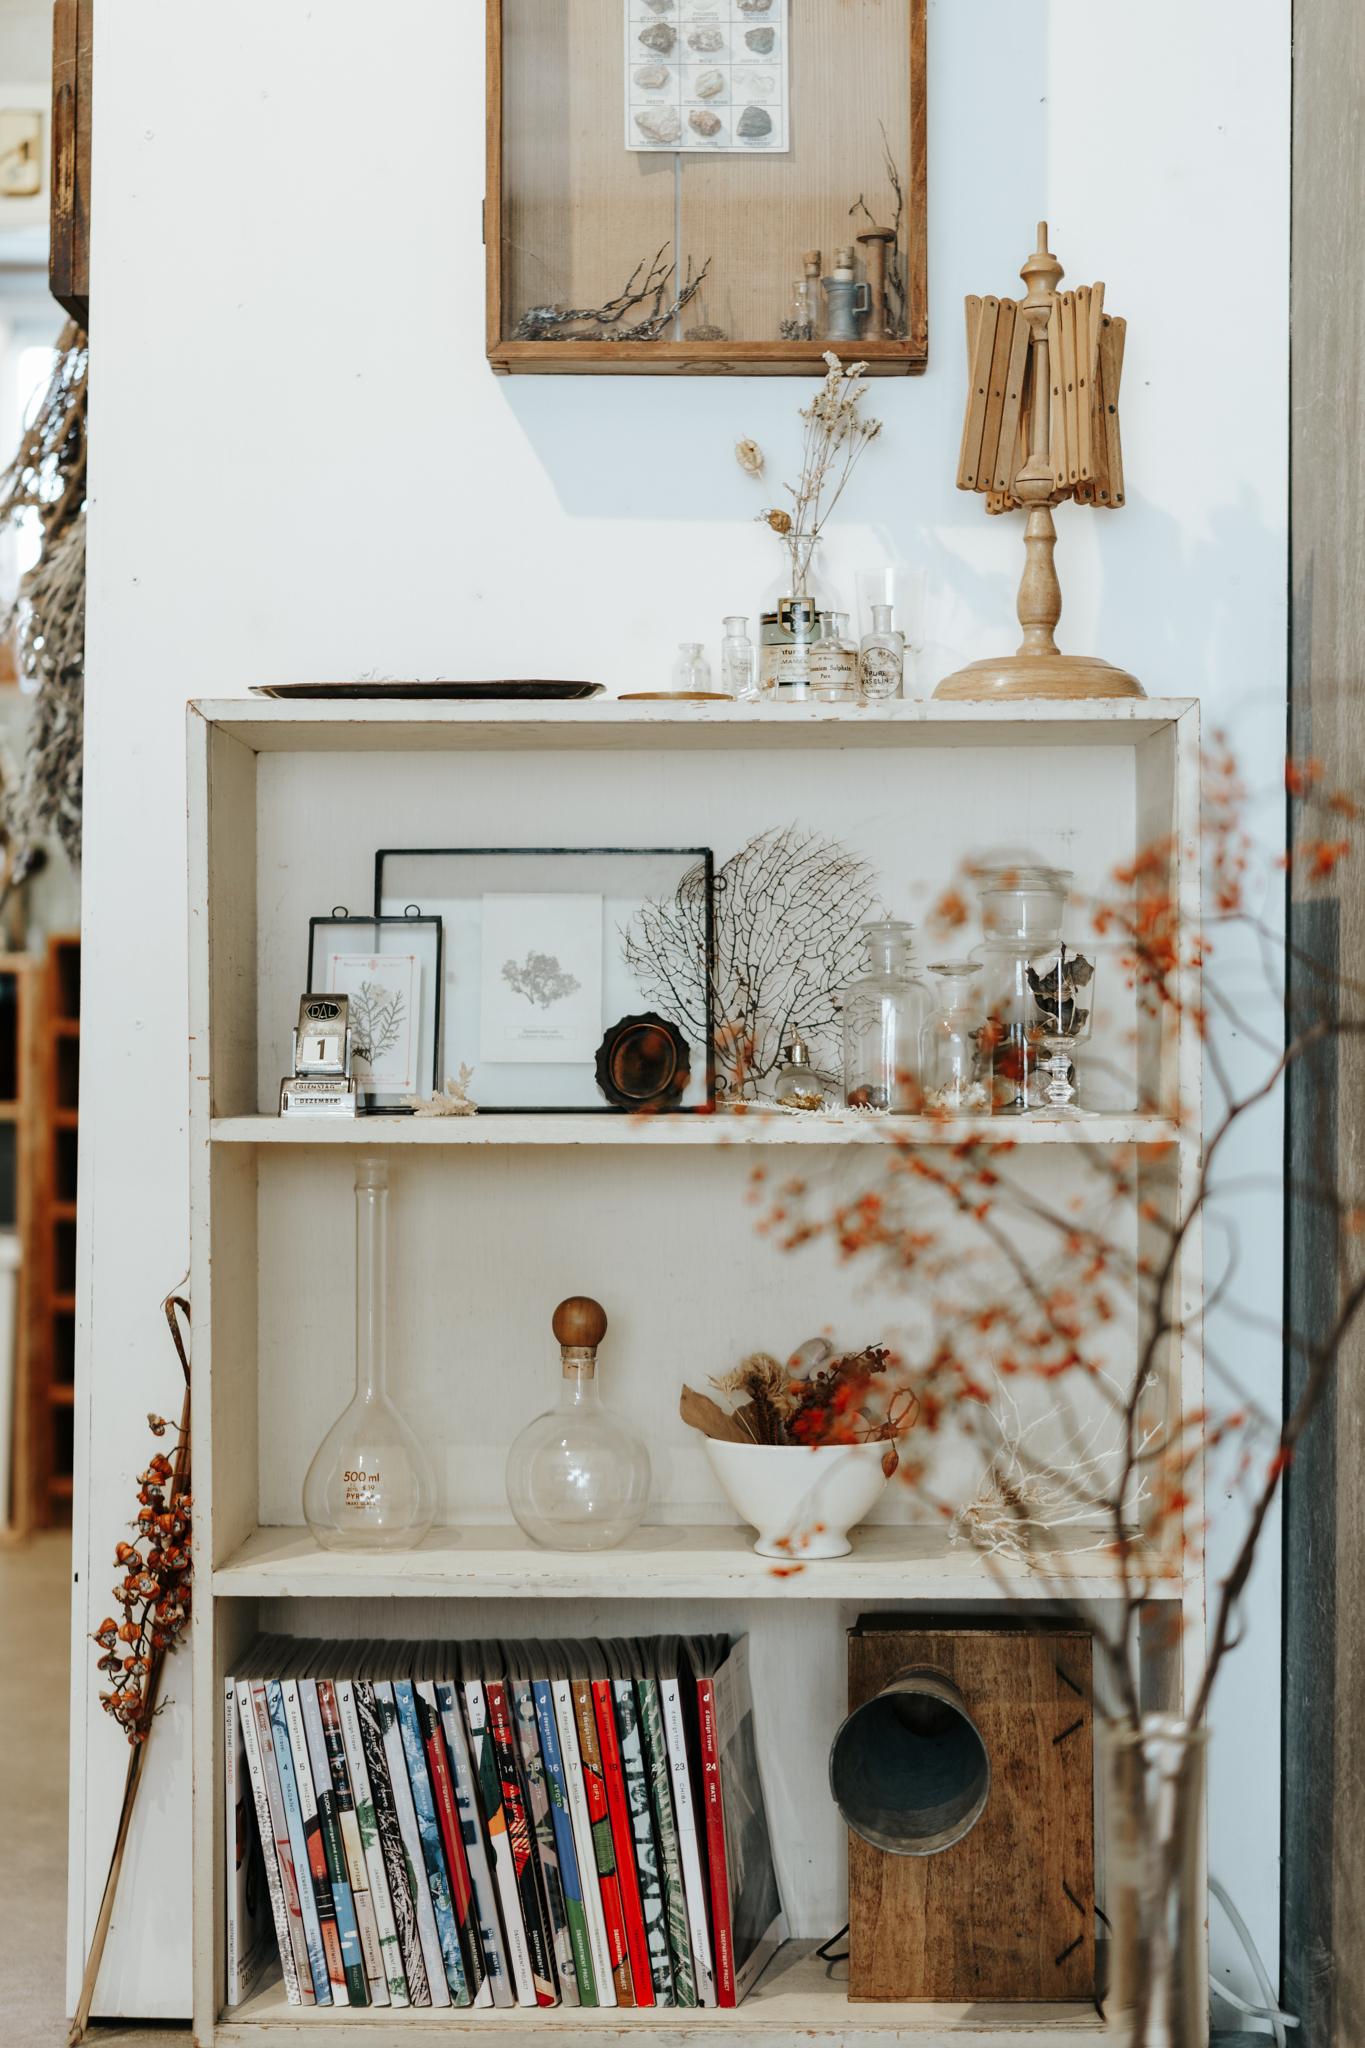 コンクリート打ちっぱなしのワンルームの中に、白のアンティーク棚を設置。下段に色味や大きさが統一された書籍、上段から中段にかけてはディスプレイ、と実用性とおしゃれさを兼ね備えた飾り棚。(このお部屋をもっと見る)